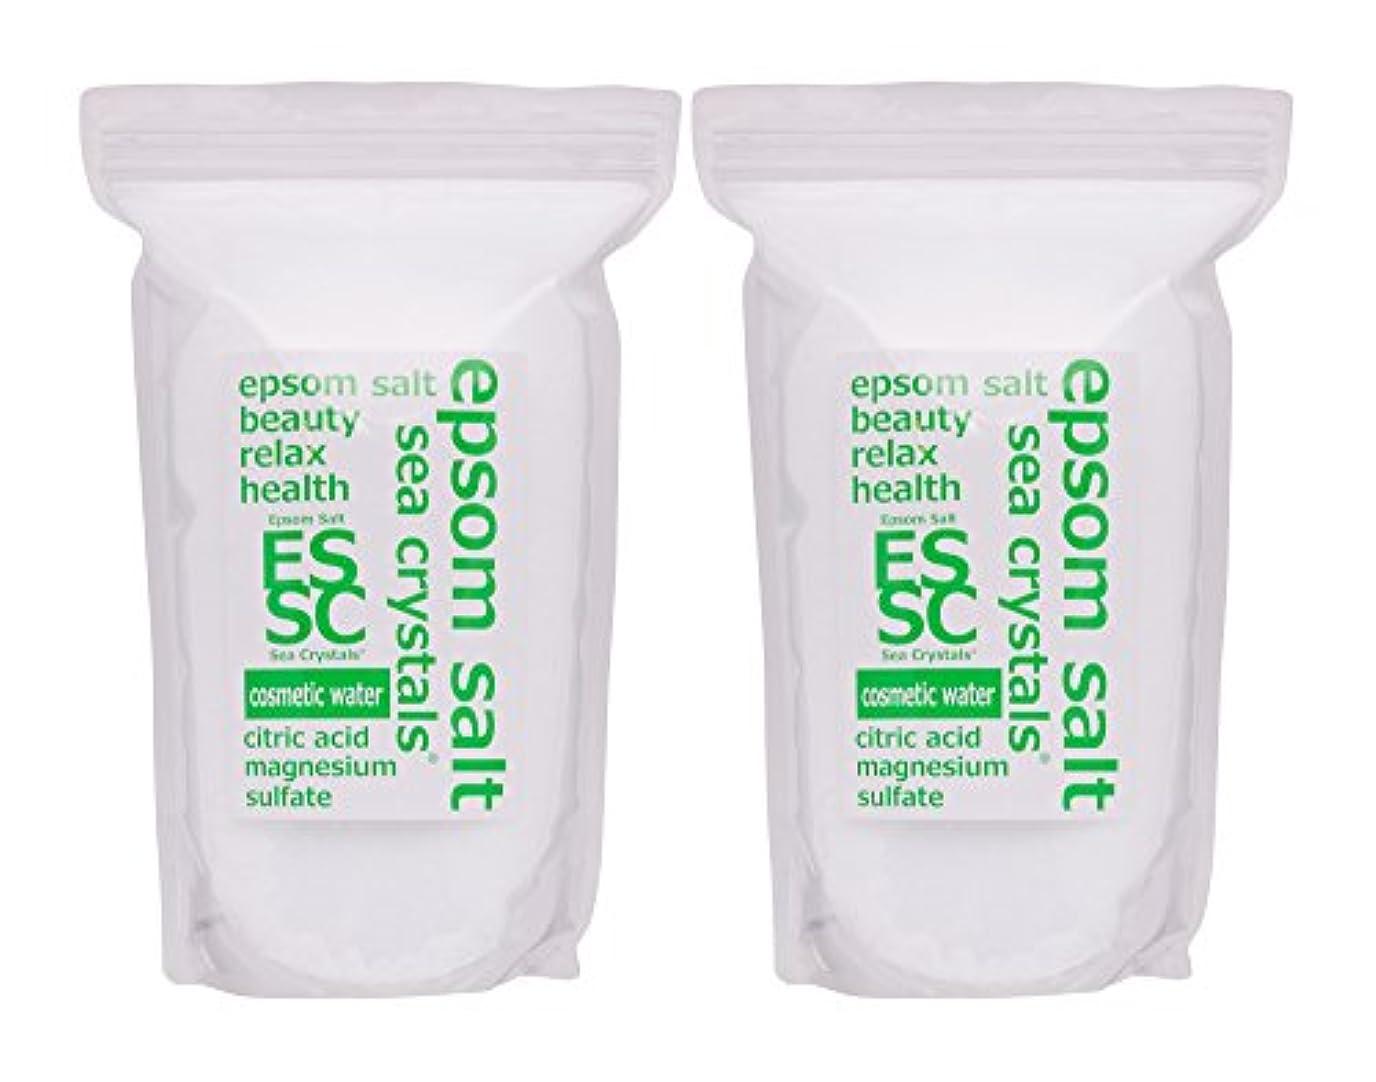 起こりやすい説教憂鬱なエプソムソルト コスメティックウォーター 8kg(4kgX2) 入浴剤(浴用化粧品) クエン酸配合 シークリスタルス 計量スプーン付